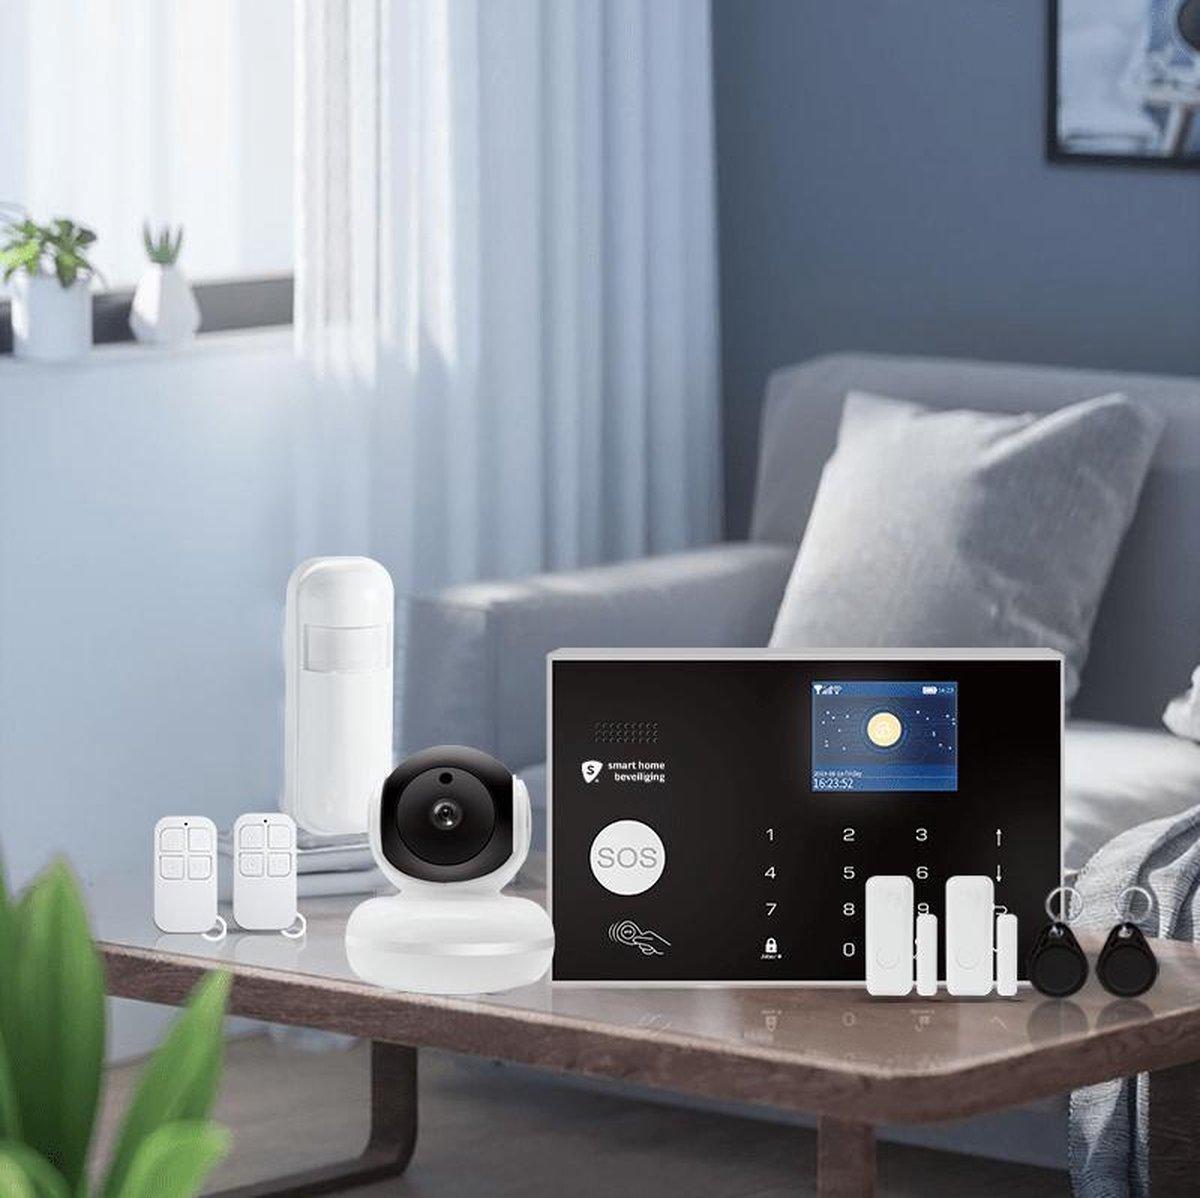 Alarmhub plus alarmsysteem met camera - Slim alarmsysteem met camera en smart home - keypad - uitbreidbaar- thuis modus - wifi - Sirene - Melding op app - SMS, GSM en SIM kaart - Back up batterij - Smart Home Beveiliging